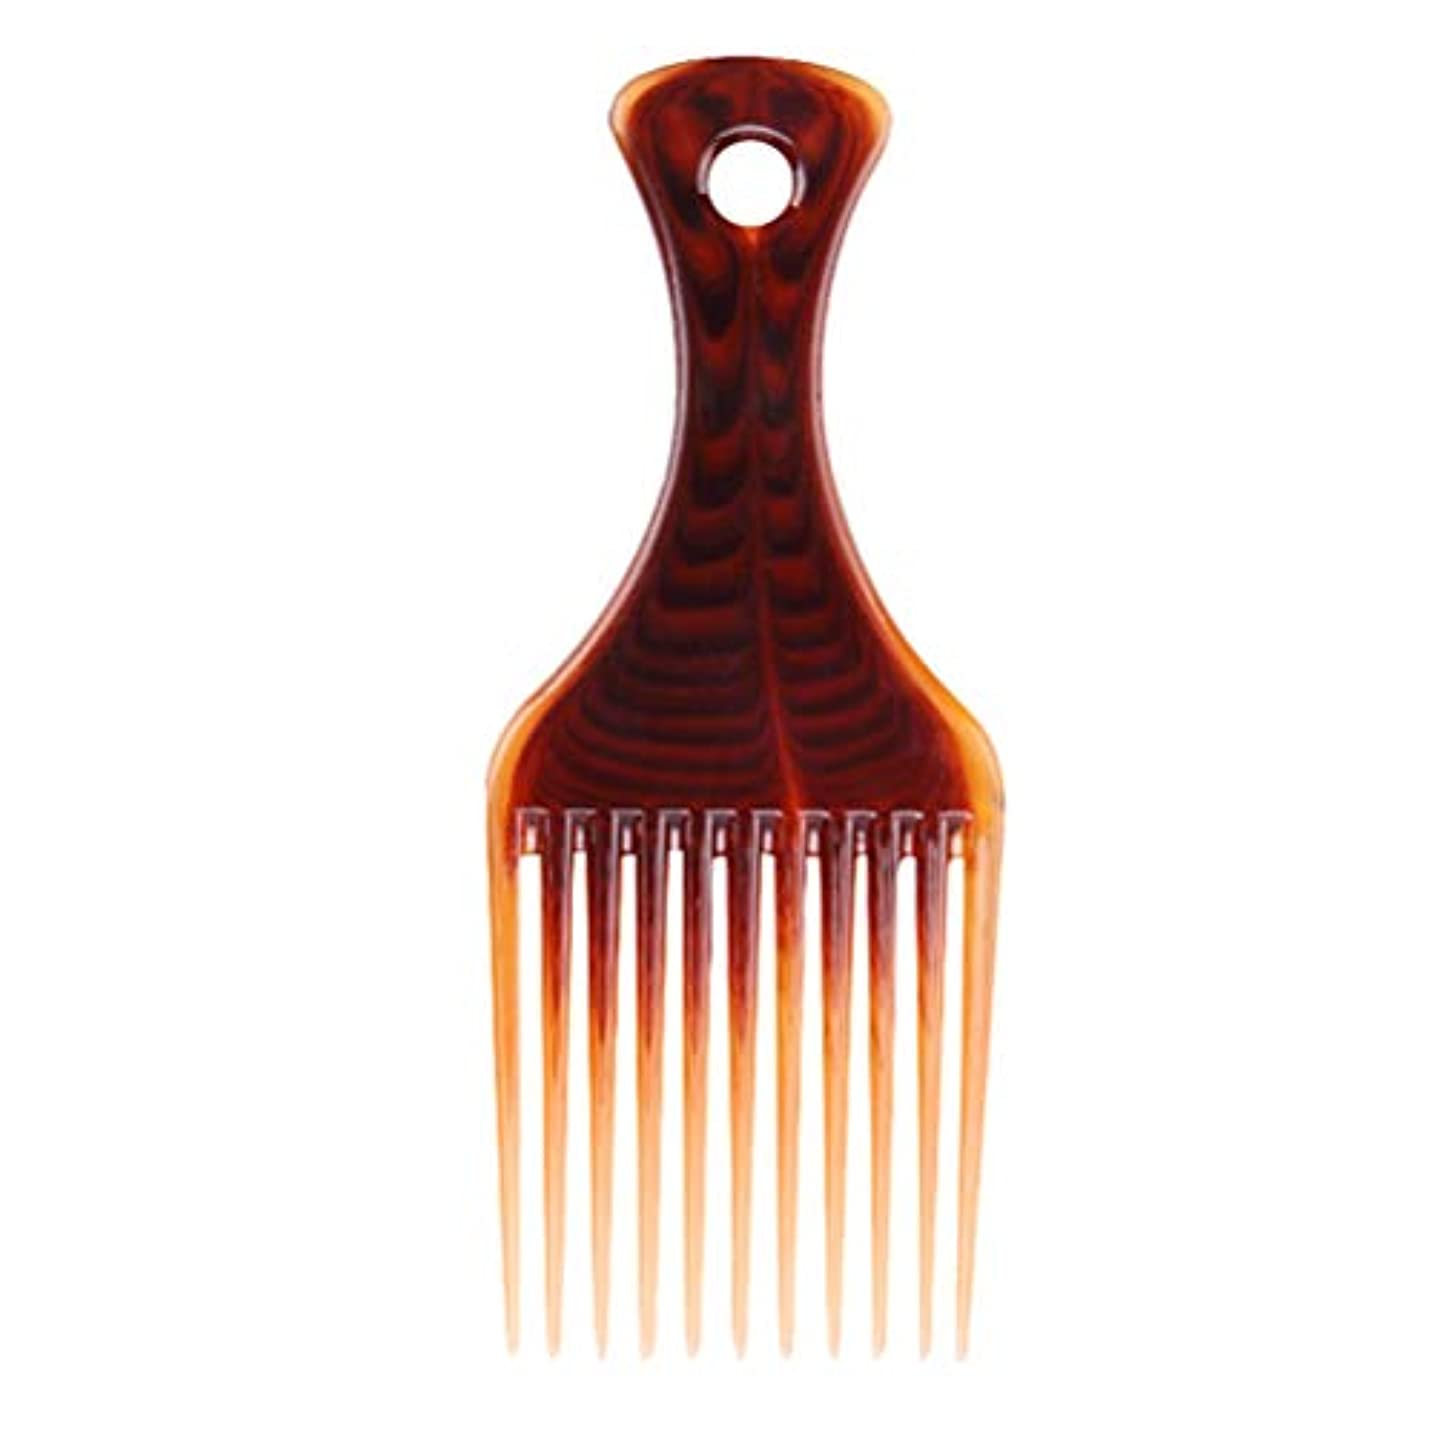 インペリアルスラム潜在的なHealifty プラスチック 櫛 ワイド トゥースコーム サロン理容理髪ブラシ ヘアフォークコーム (コーヒー)